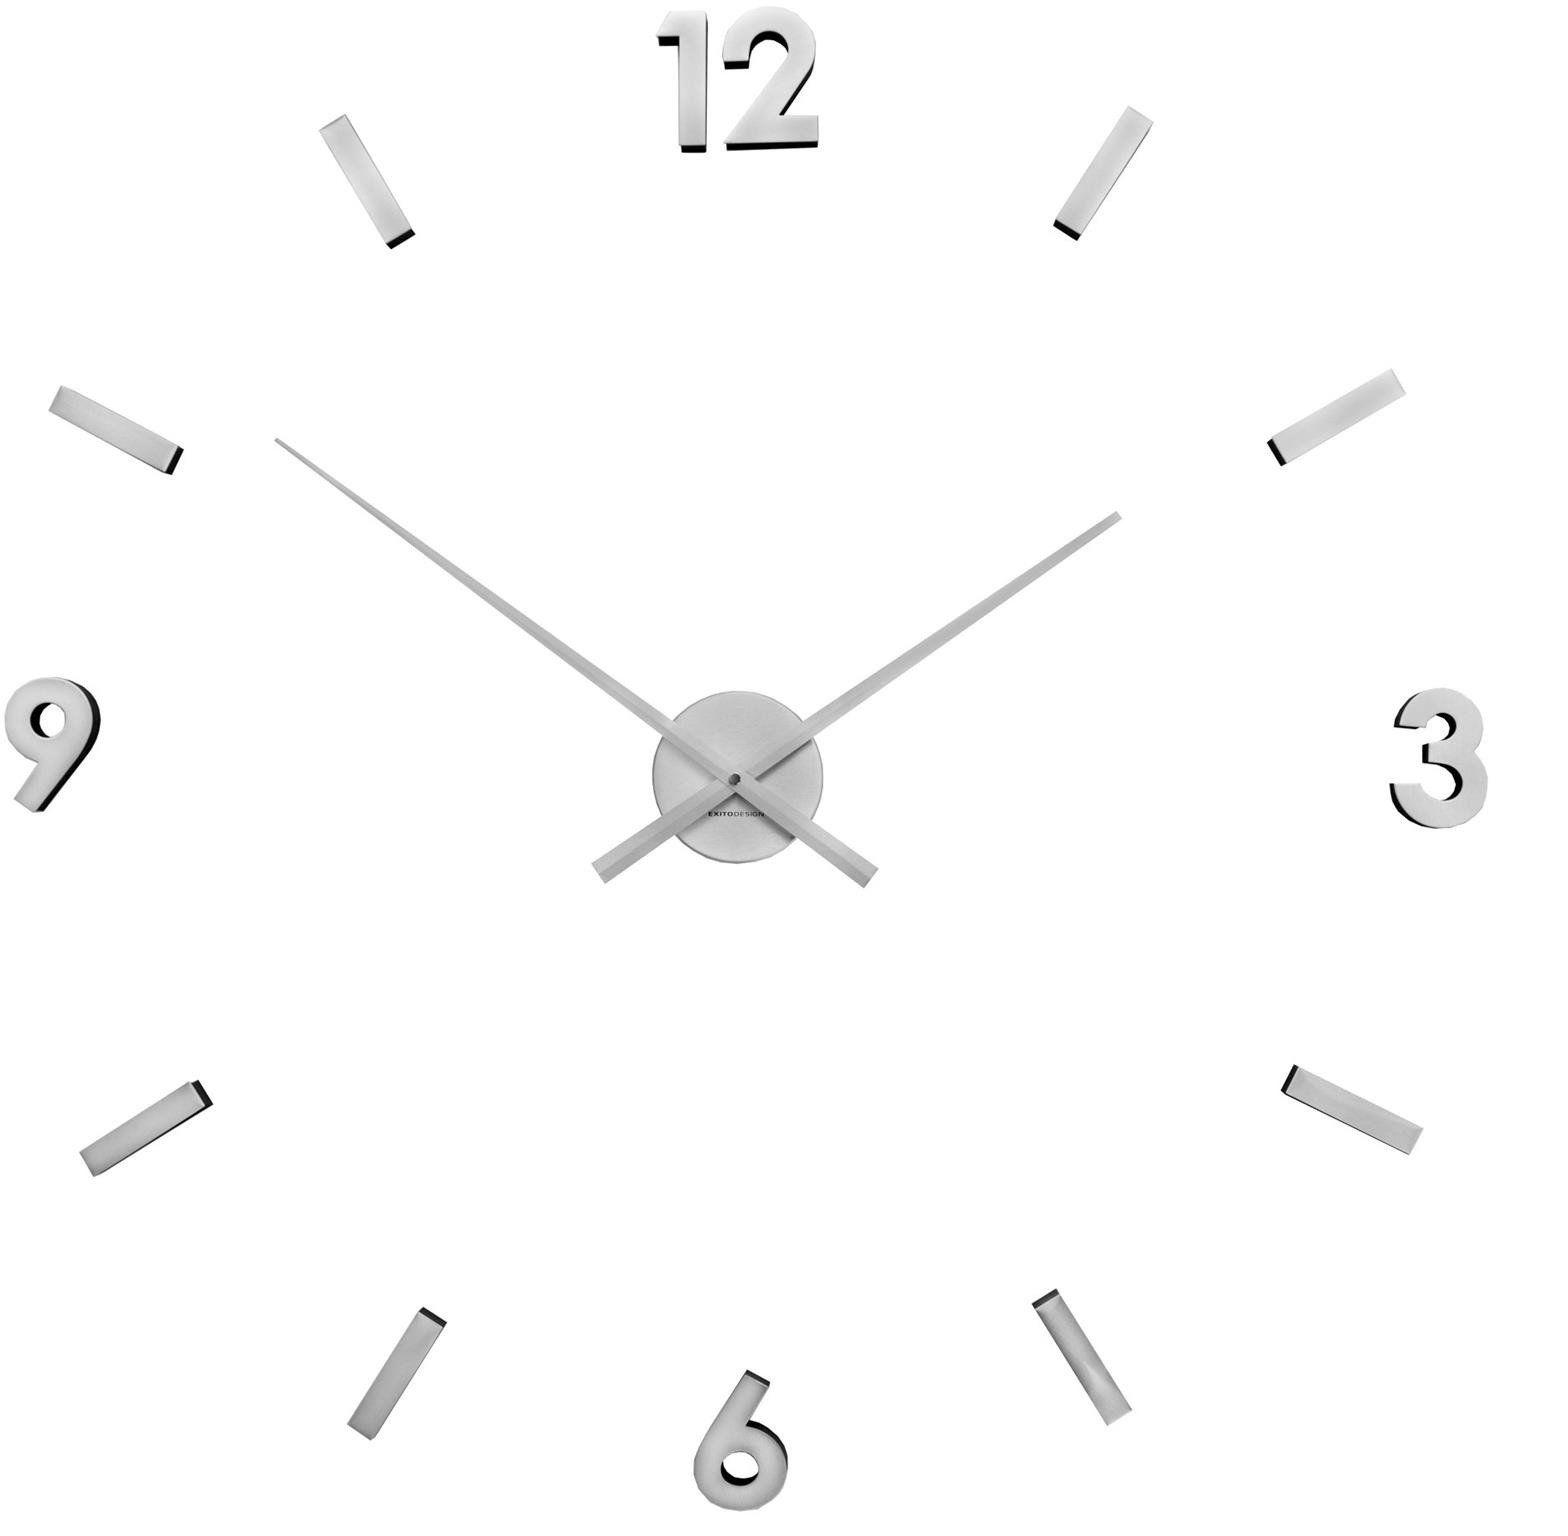 Zegar ścienny ExitoDesign HS-668S naklejany na ścianę, szybę...